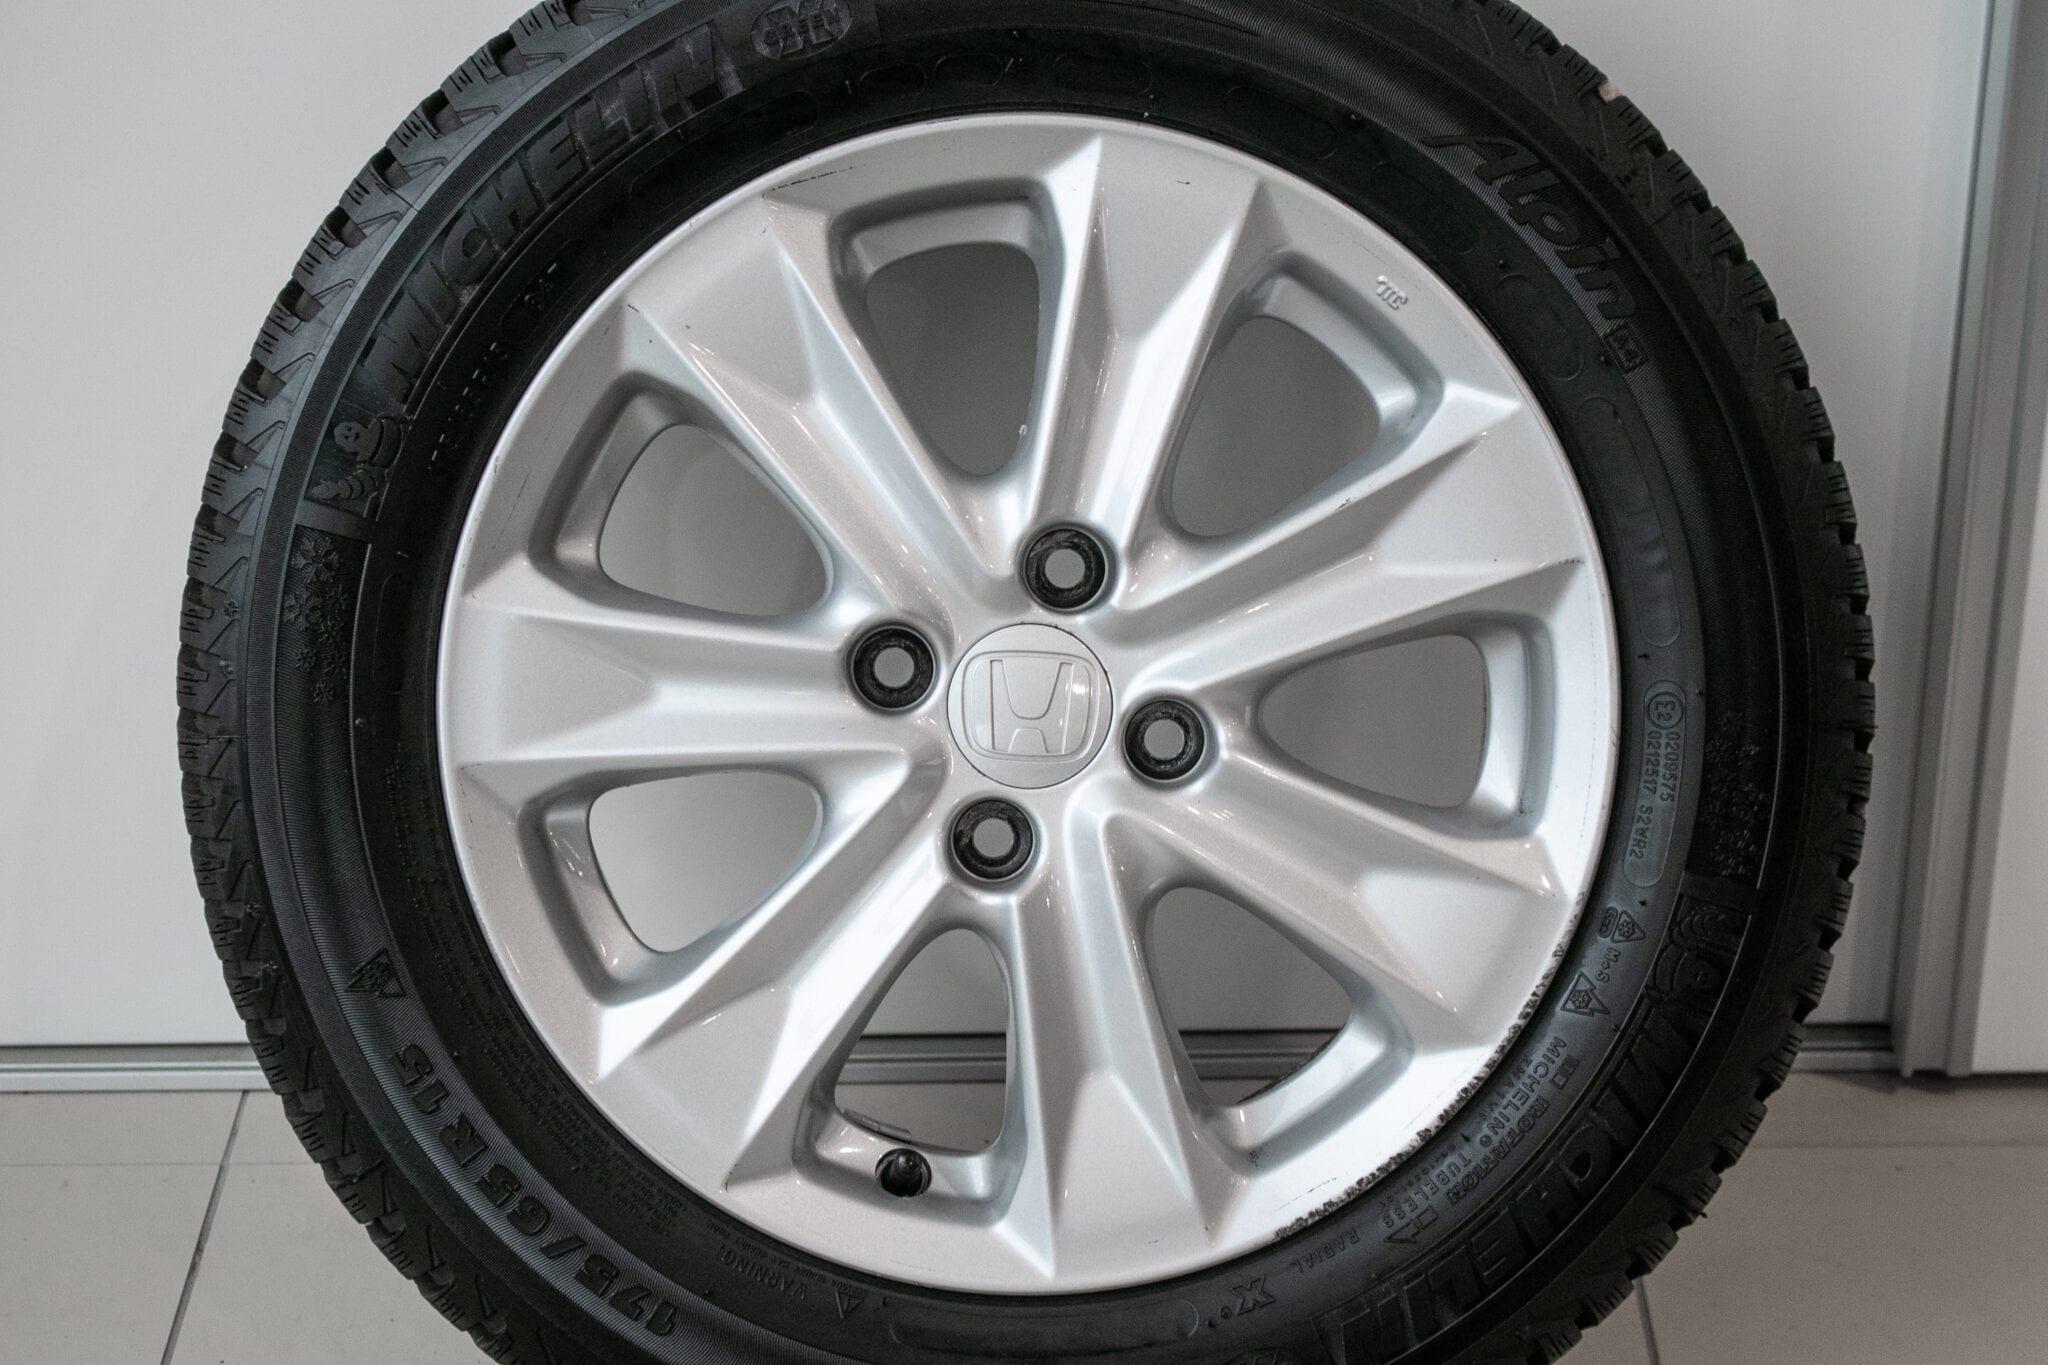 """15"""" Winterwielen voor de Honda Jazz ('09-'19) en de Honda Insight €399,- Gebruikt. Profieldiepte: 7.5mm"""